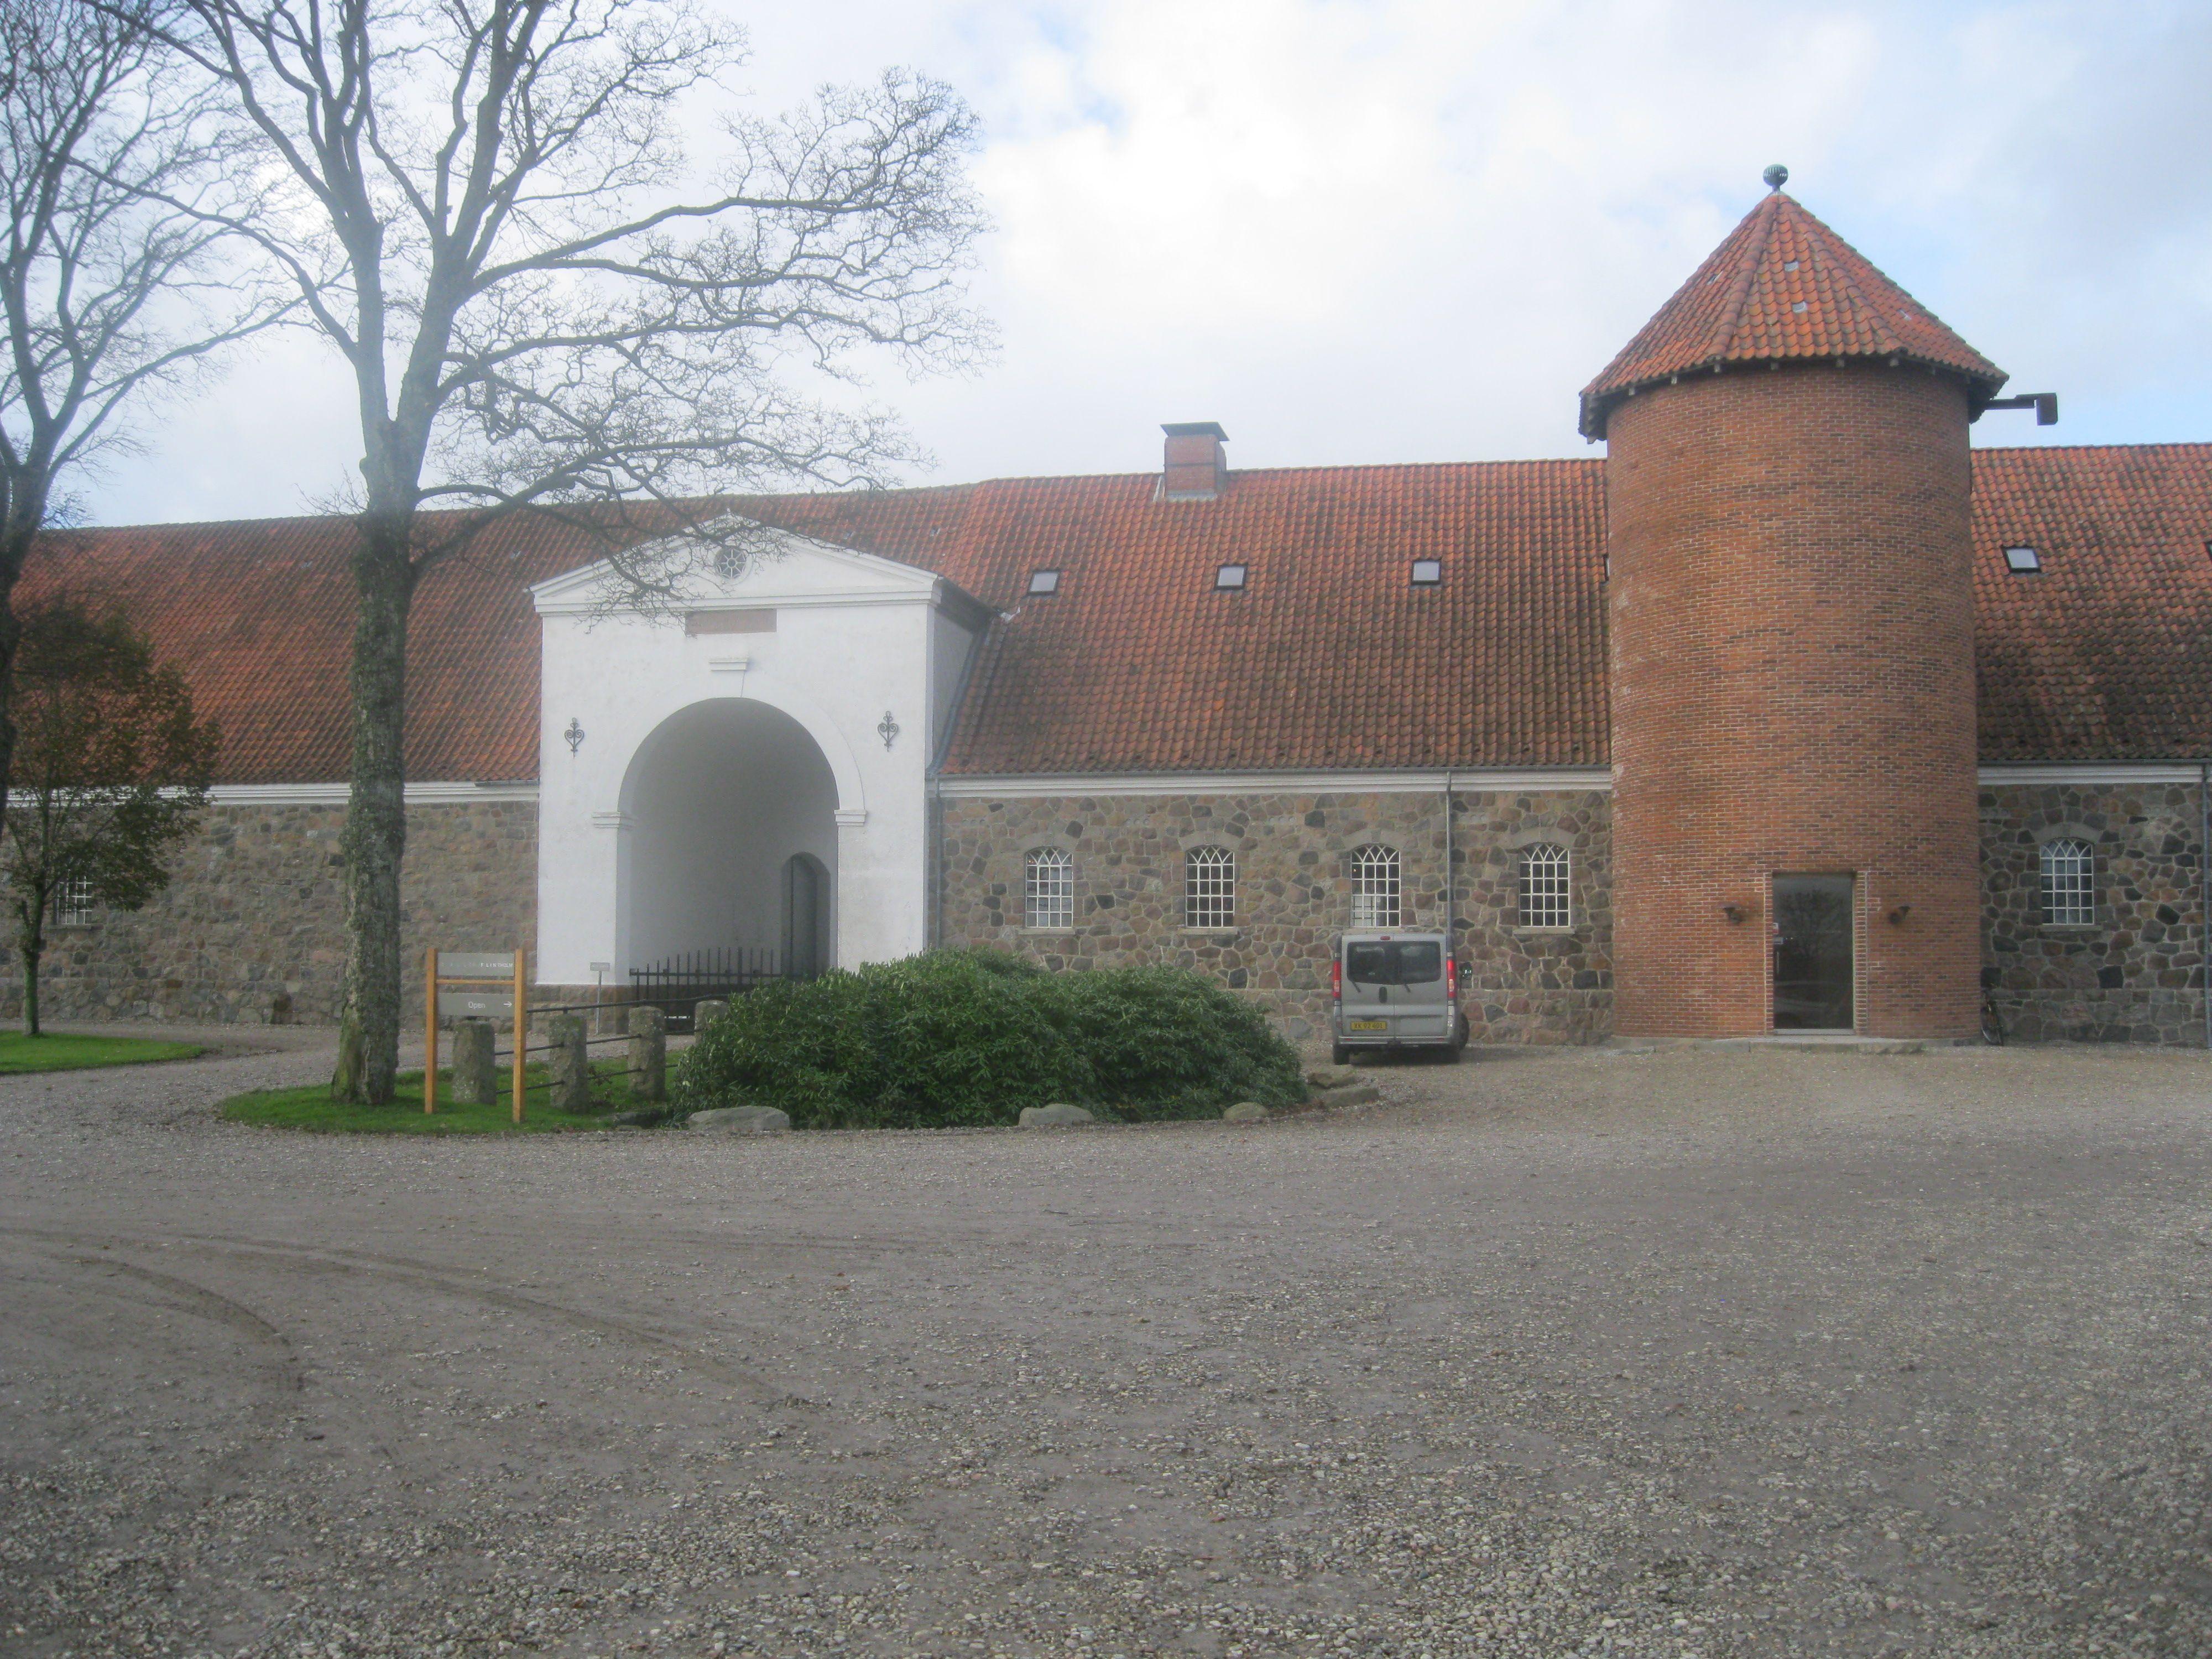 Galleri Flintholm er indrettet i Flintholms gamle avlsbygninger fra 1886